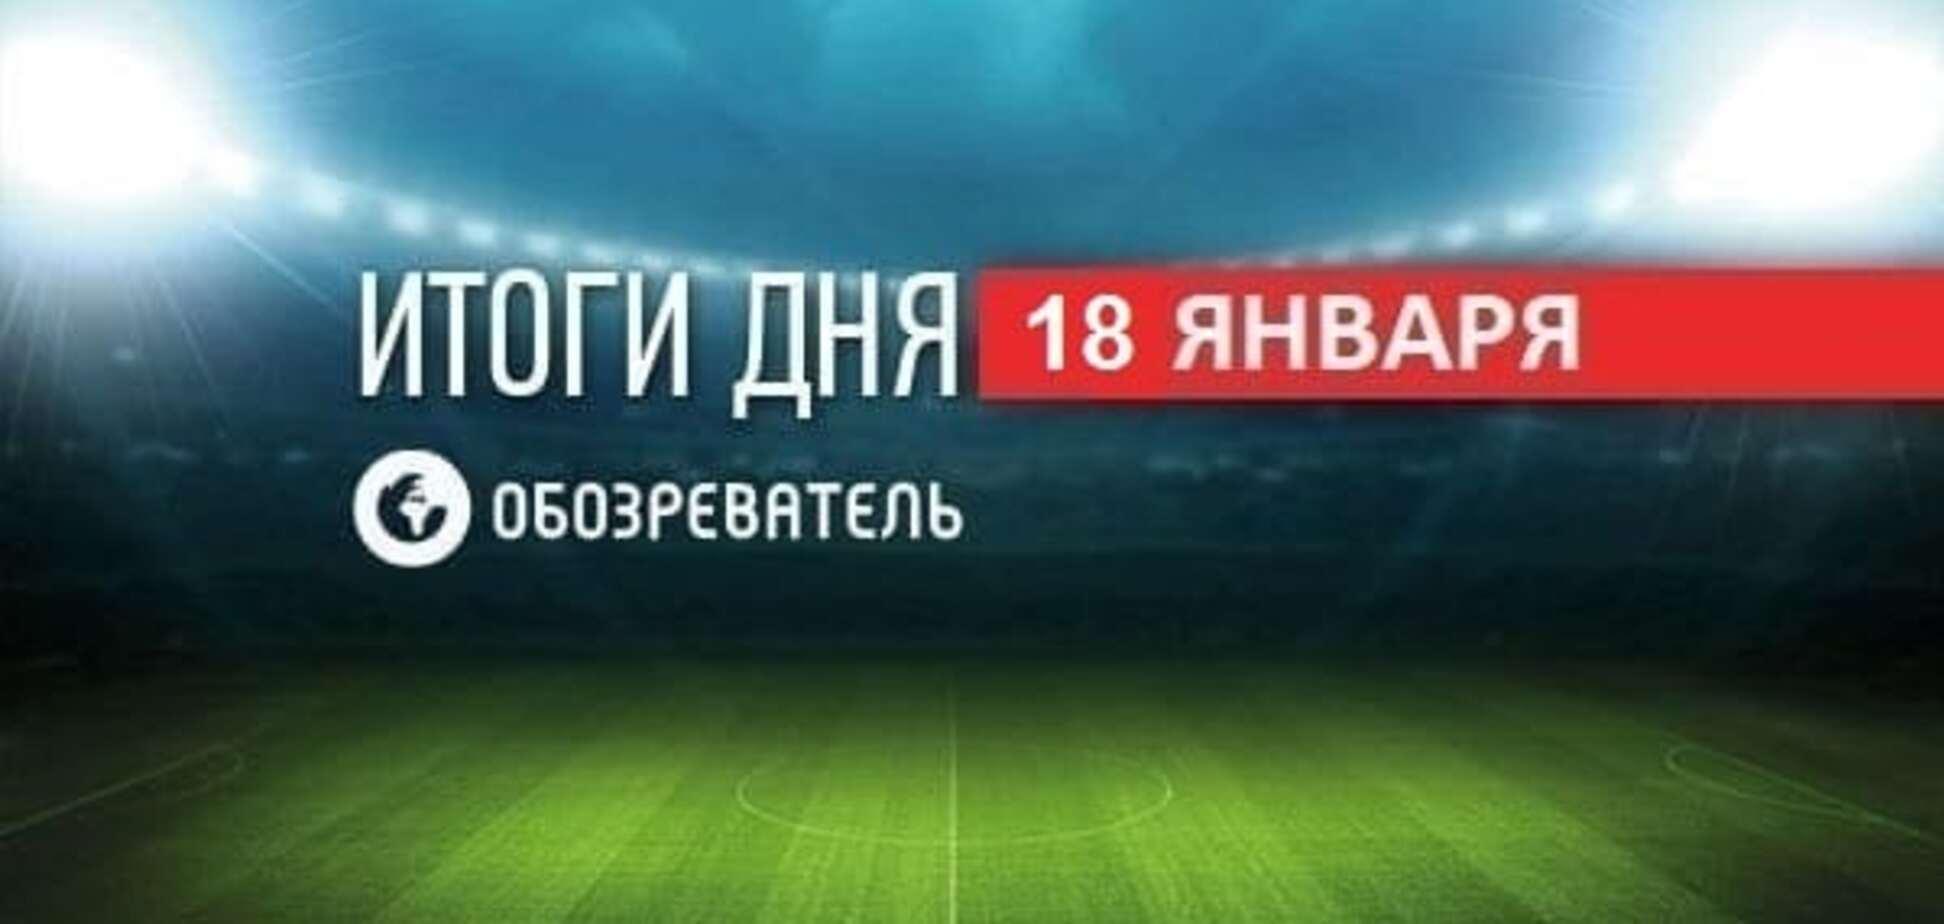 Рішення УЄФА щодо 'Динамо' і демарш Луческу. Спортивні підсумки за 18 січня